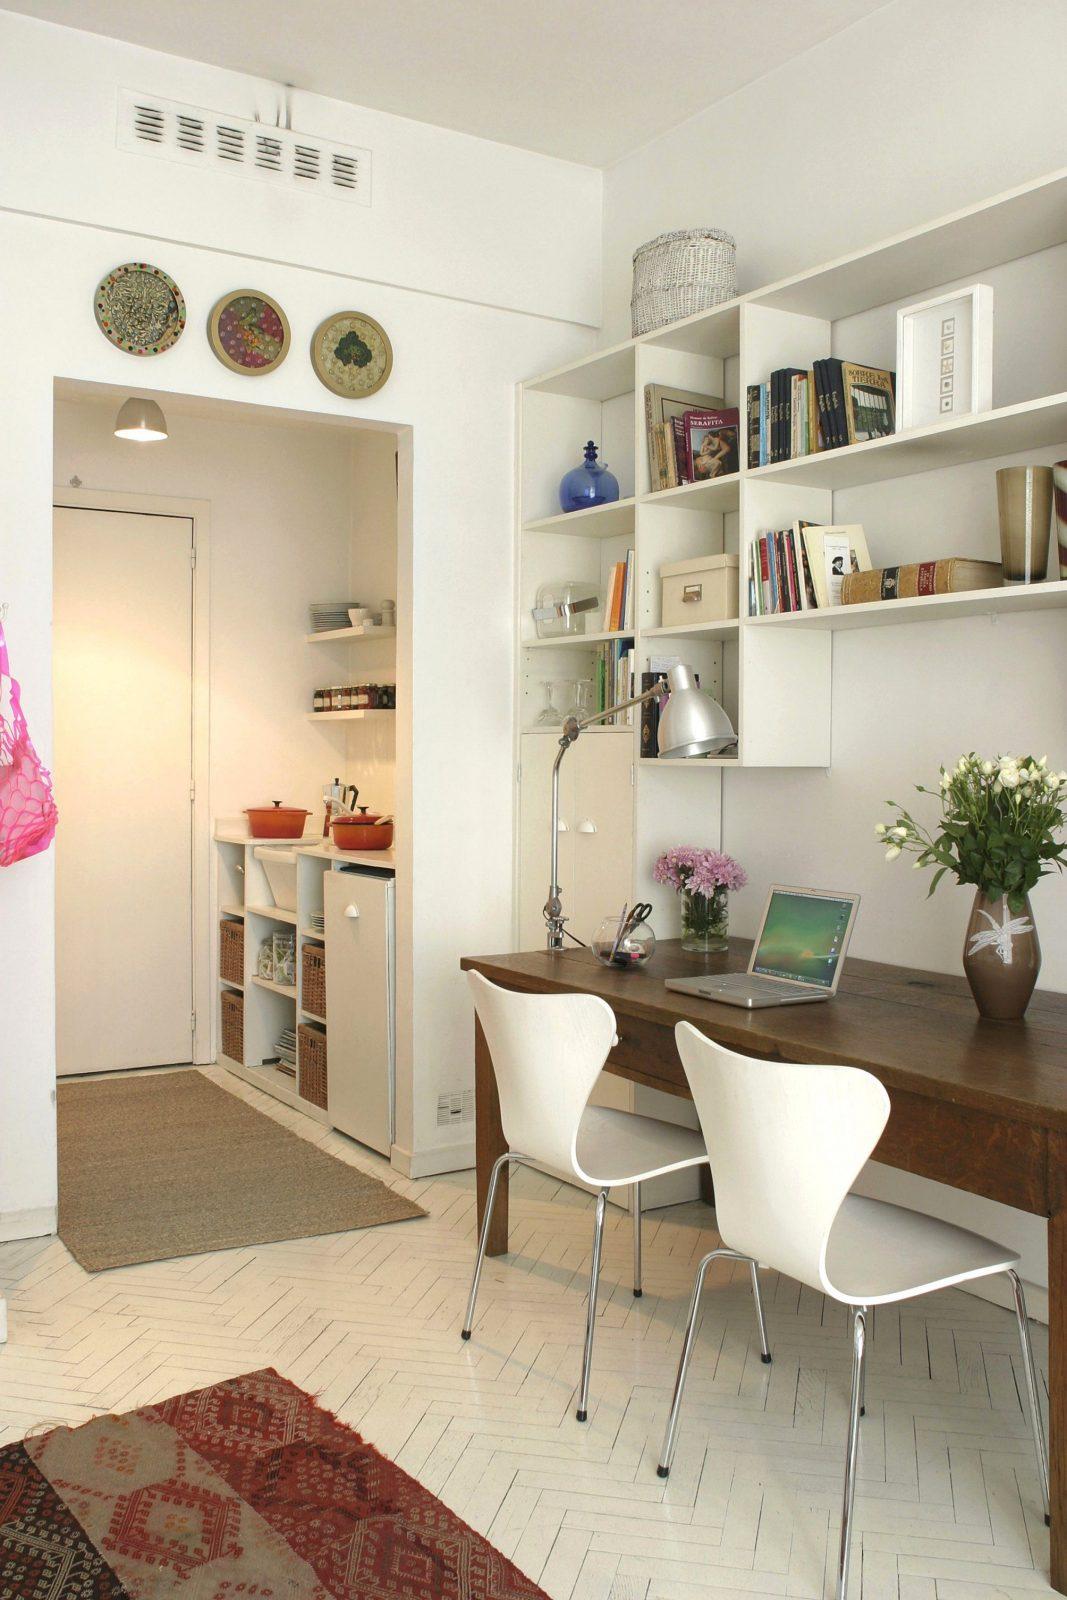 Erstaunliche Inspiration Kleines Wohnzimmer Mit Esstisch